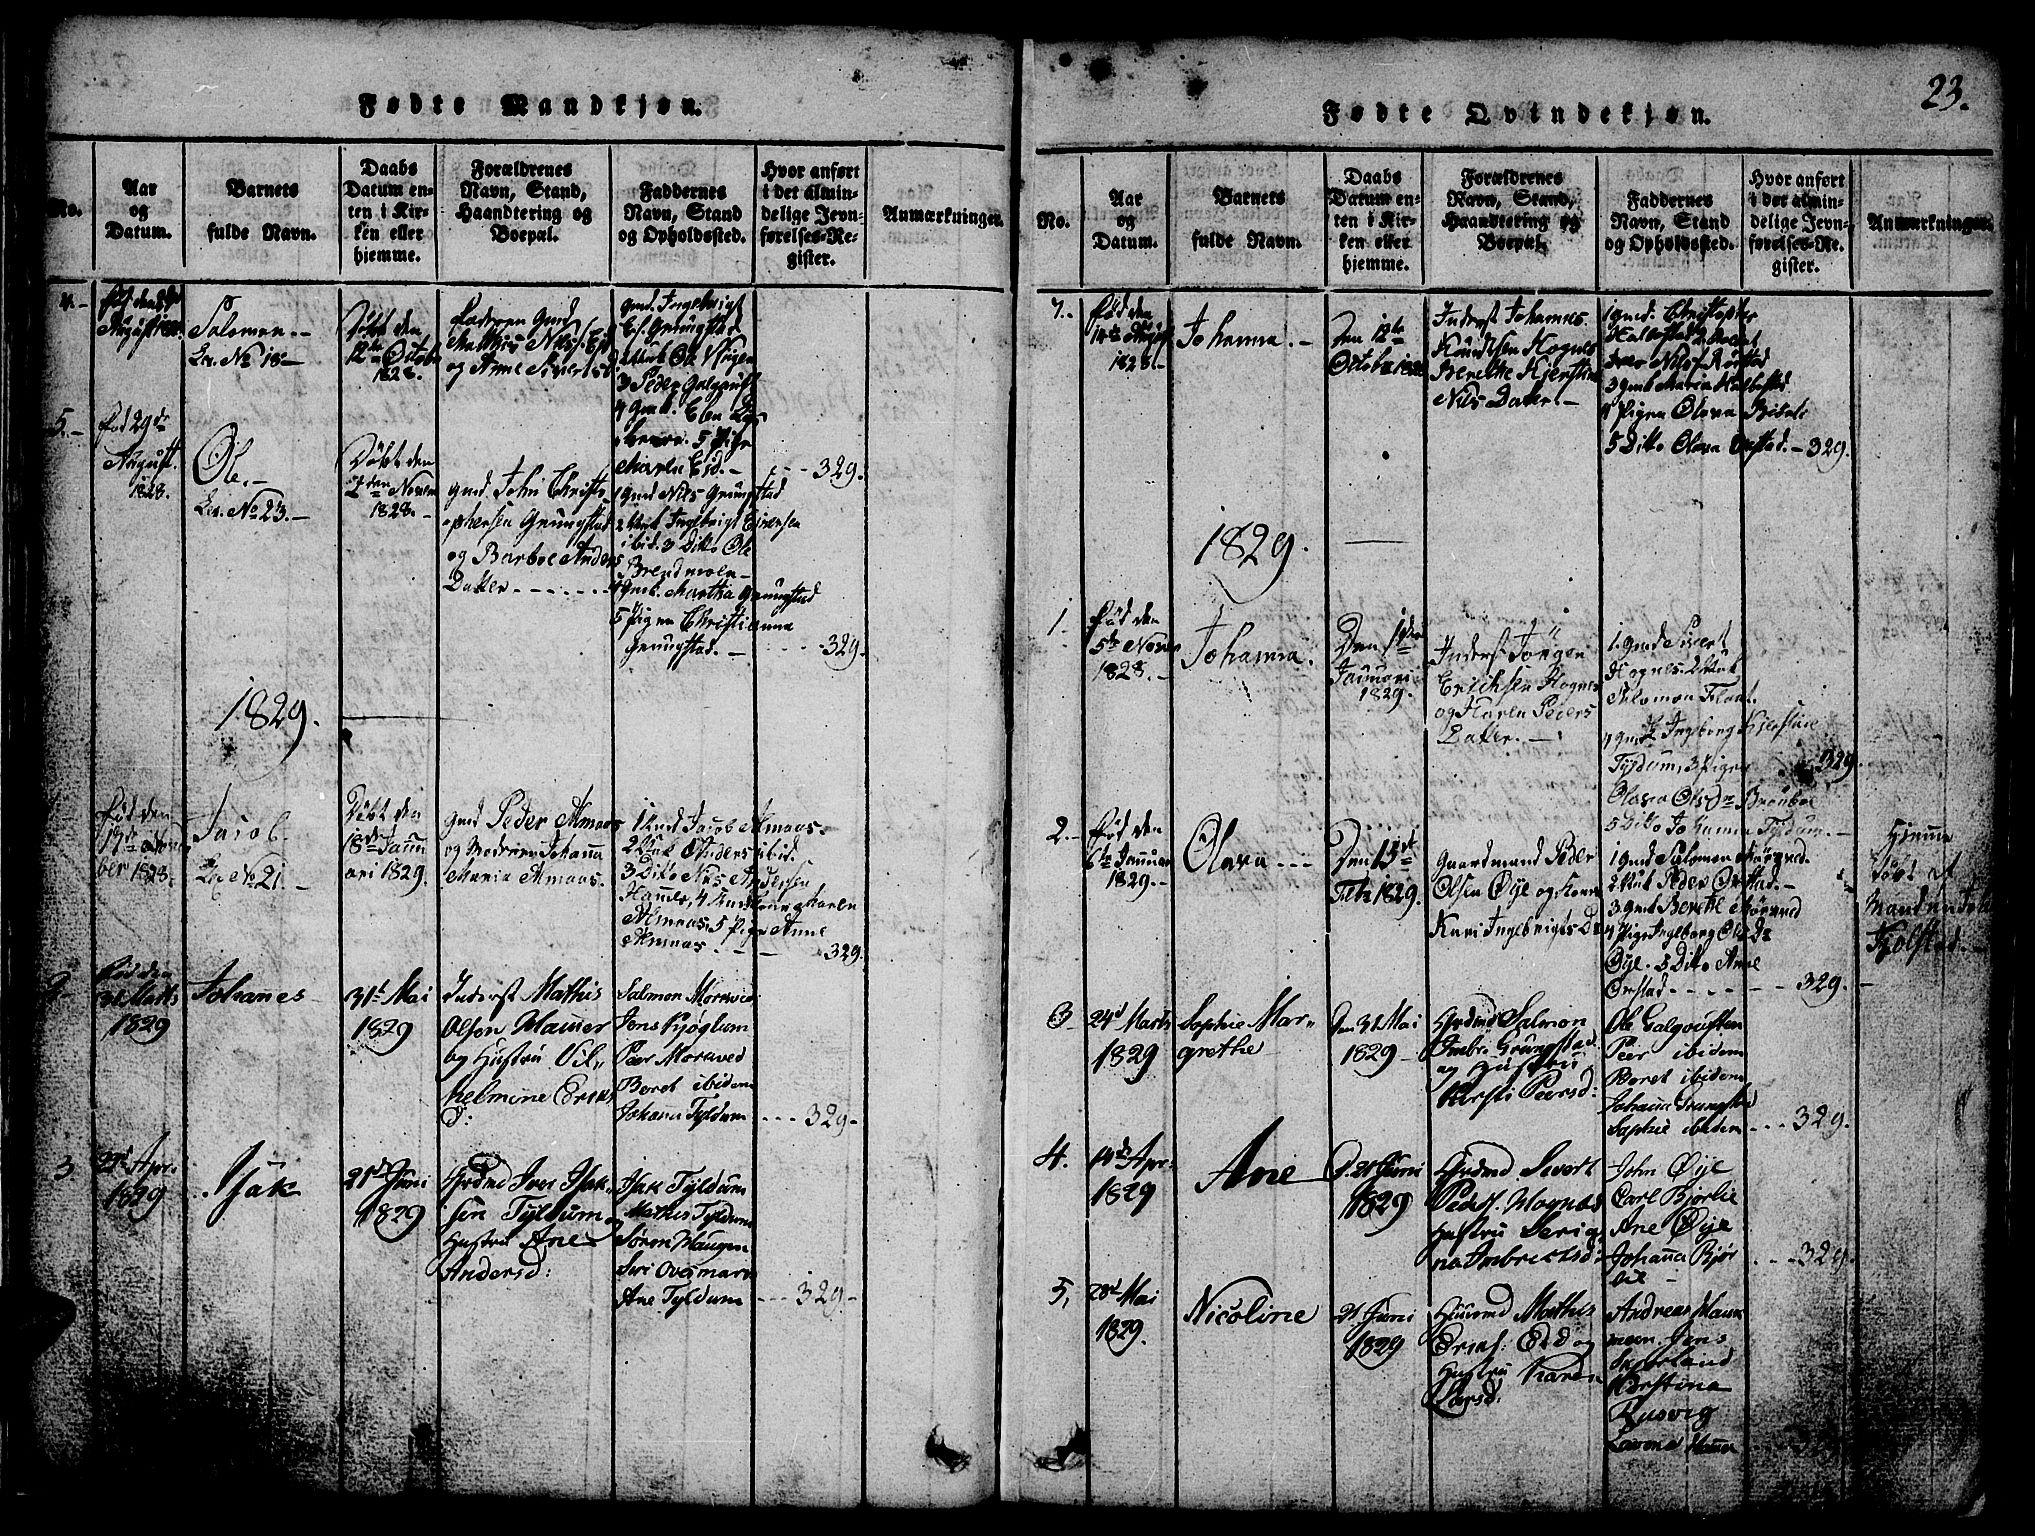 SAT, Ministerialprotokoller, klokkerbøker og fødselsregistre - Nord-Trøndelag, 765/L0562: Klokkerbok nr. 765C01, 1817-1851, s. 23